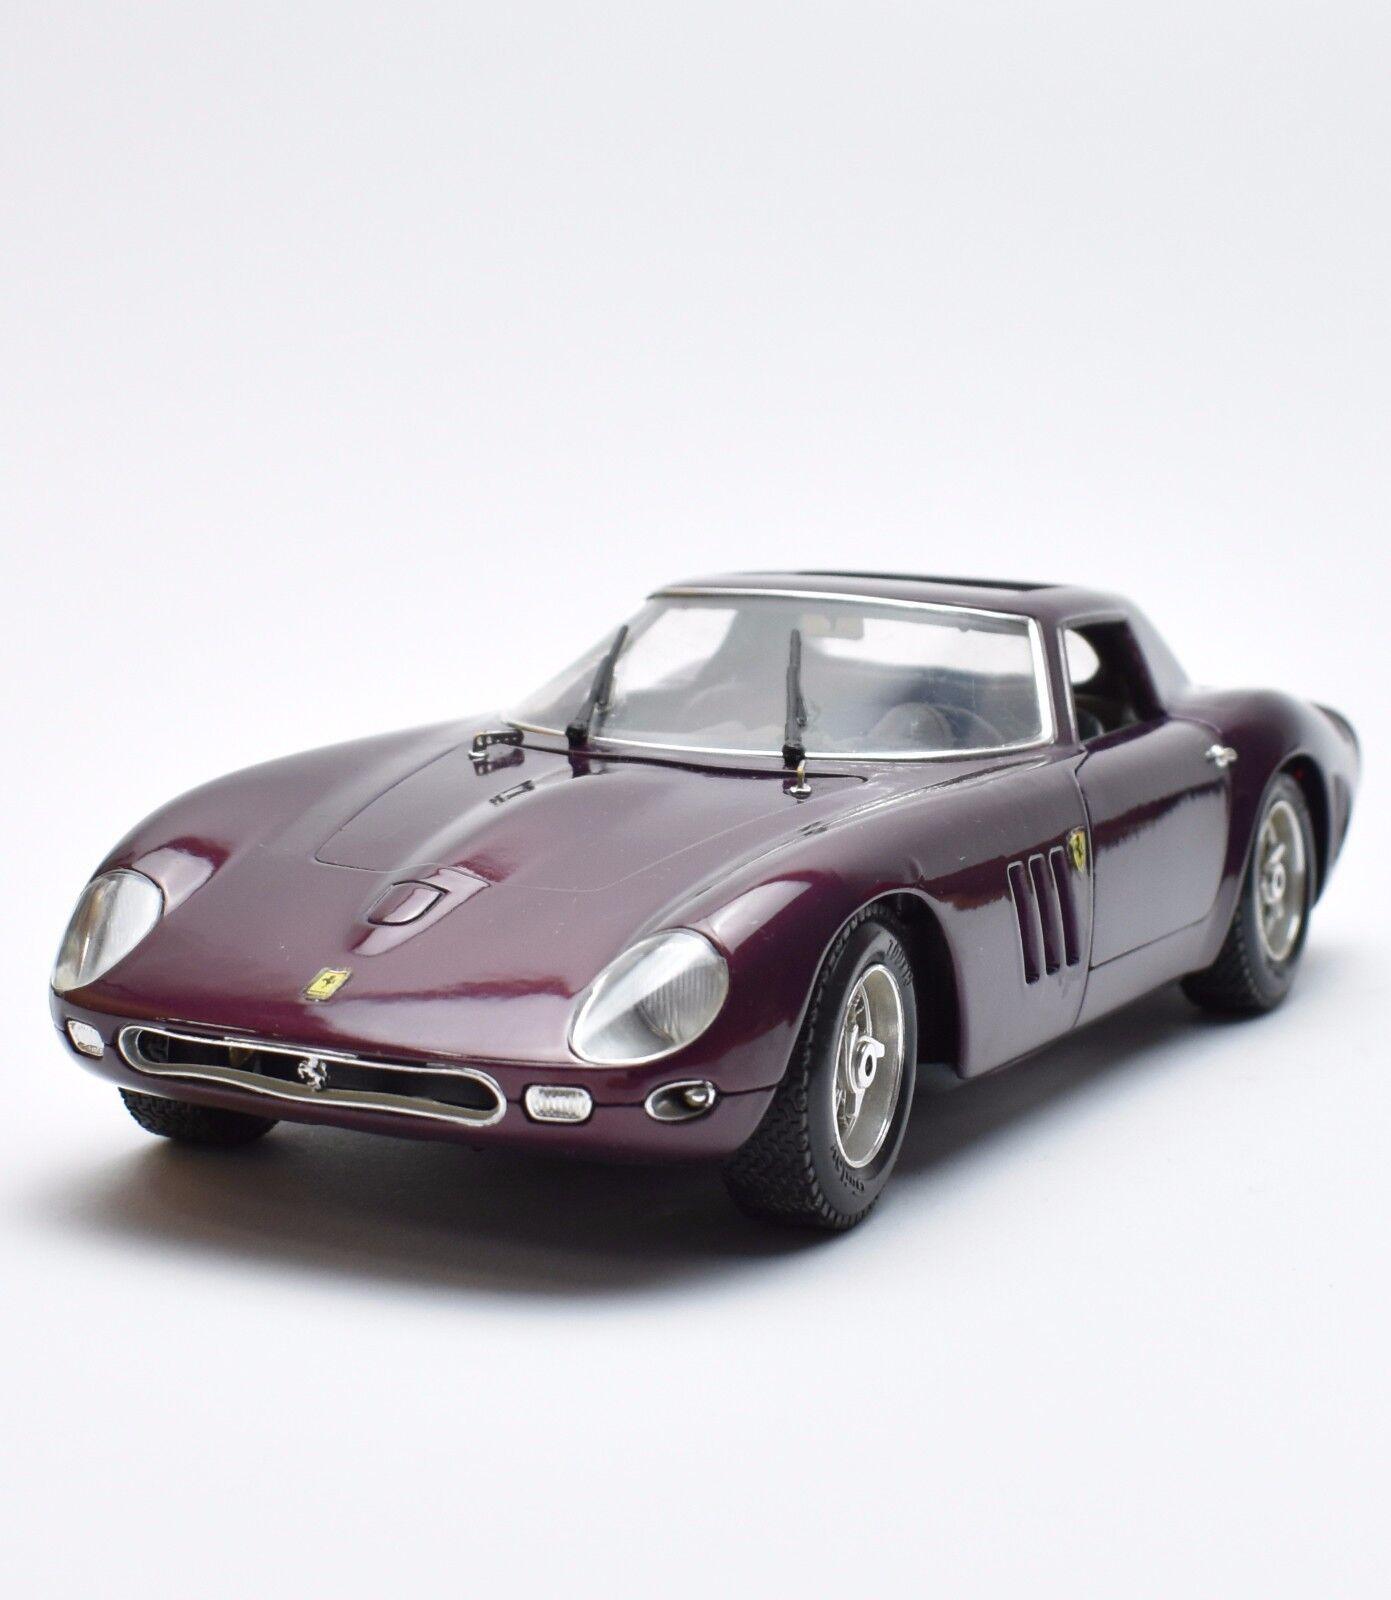 Guiloy 67257 FERRARI GTO voiture de sport violet laqué, neuf dans sa boîte, 1 18, k010